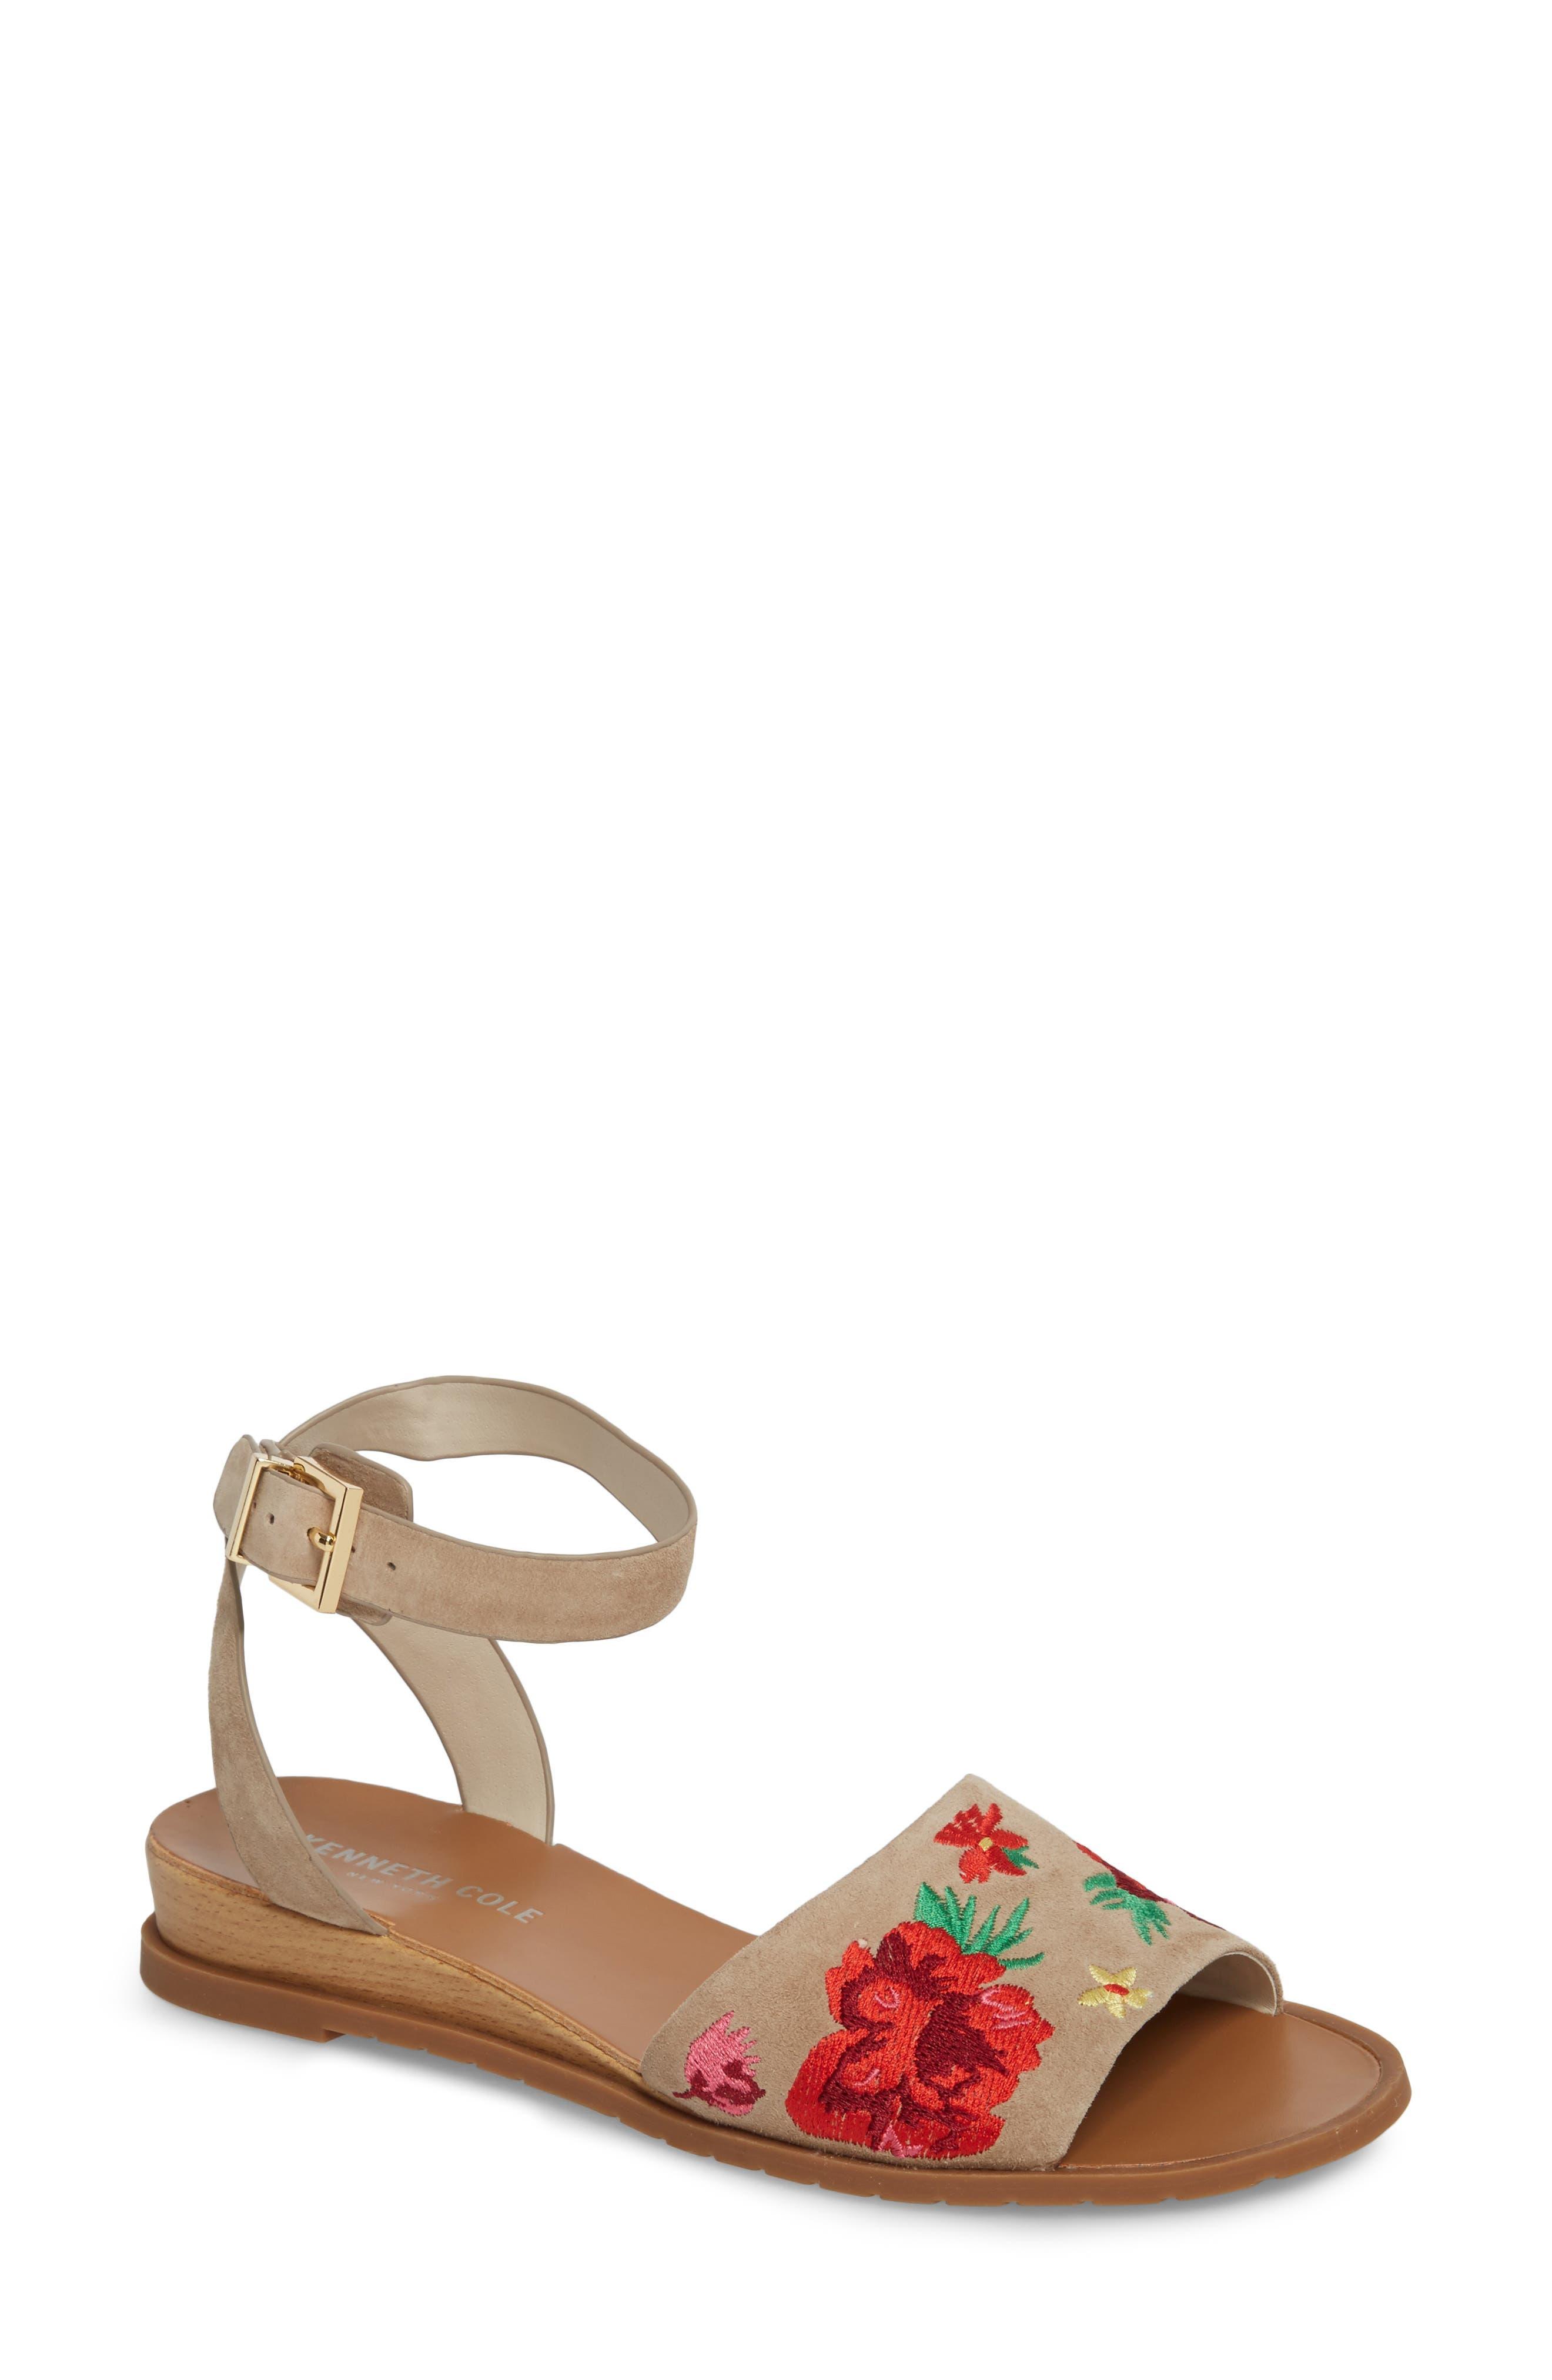 Jinny Ankle Strap Sandal,                         Main,                         color, Tan Faux Suede